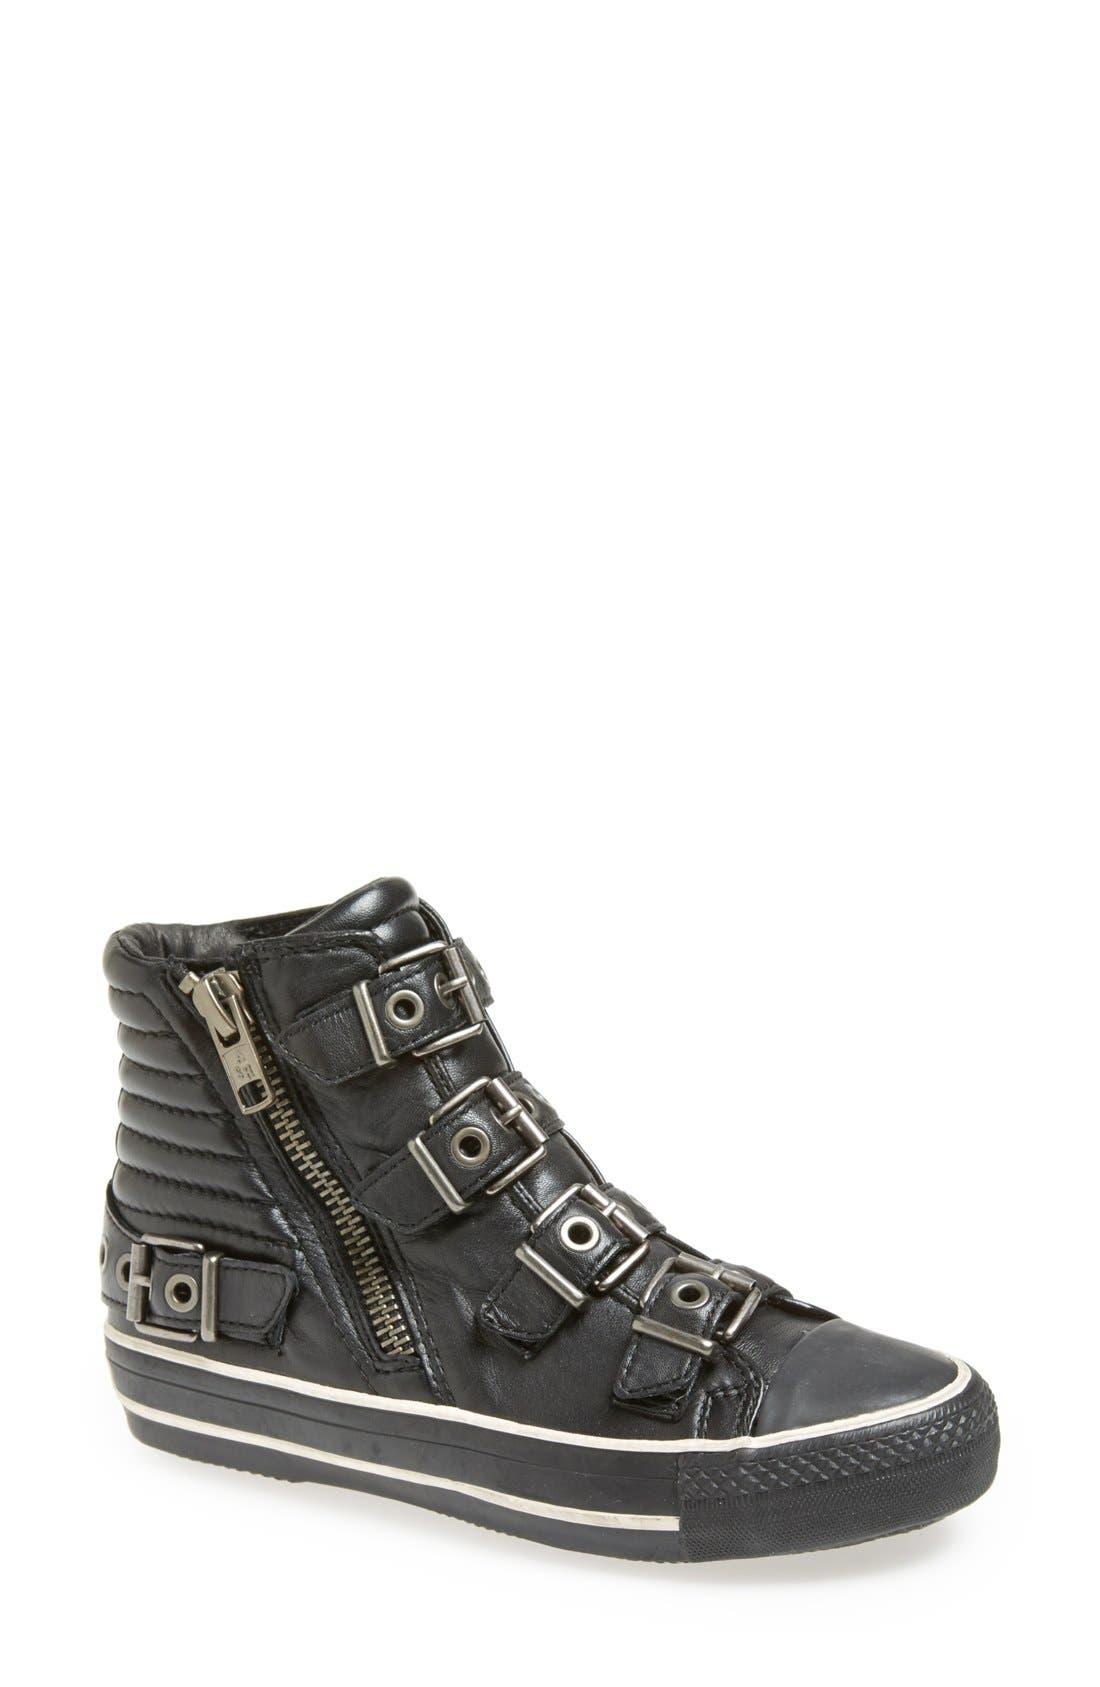 Alternate Image 1 Selected - Ash 'Vangelis' High Top Sneaker (Women)